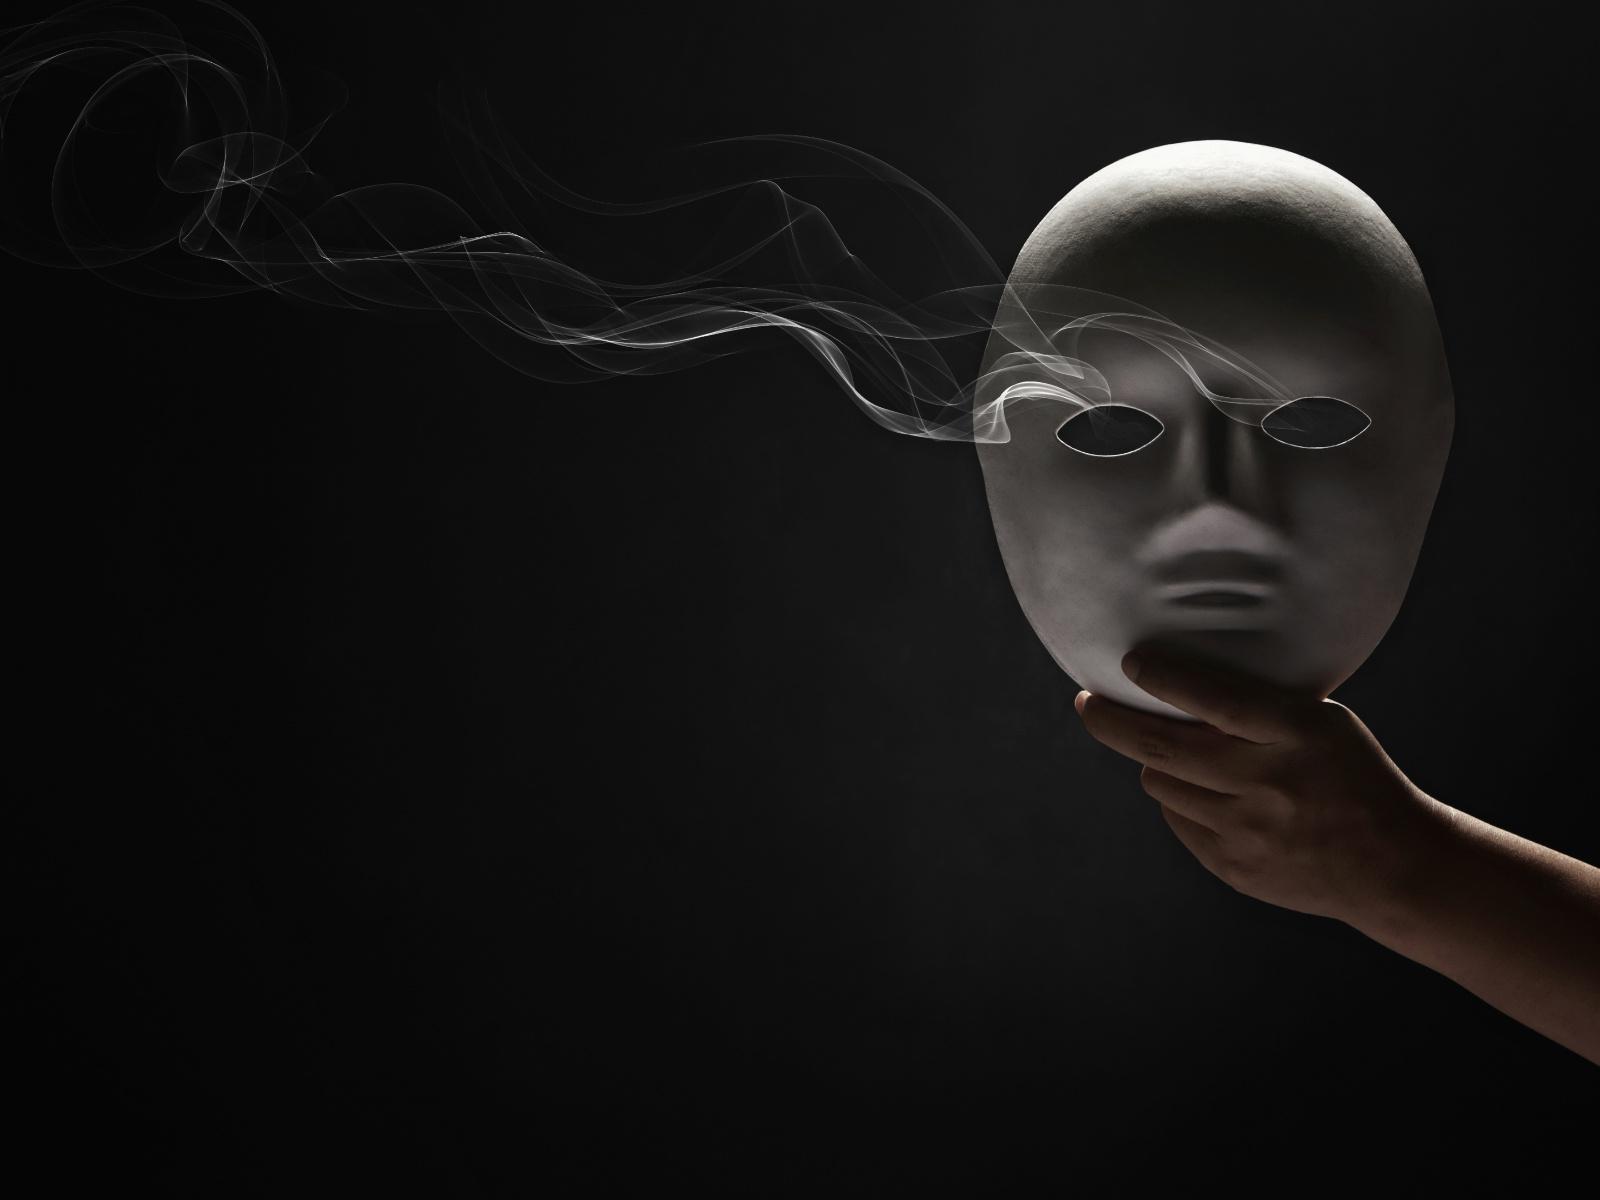 第80話|データ活用の現場を知れ! 人の顔の見えない分析にリアリティは望めない